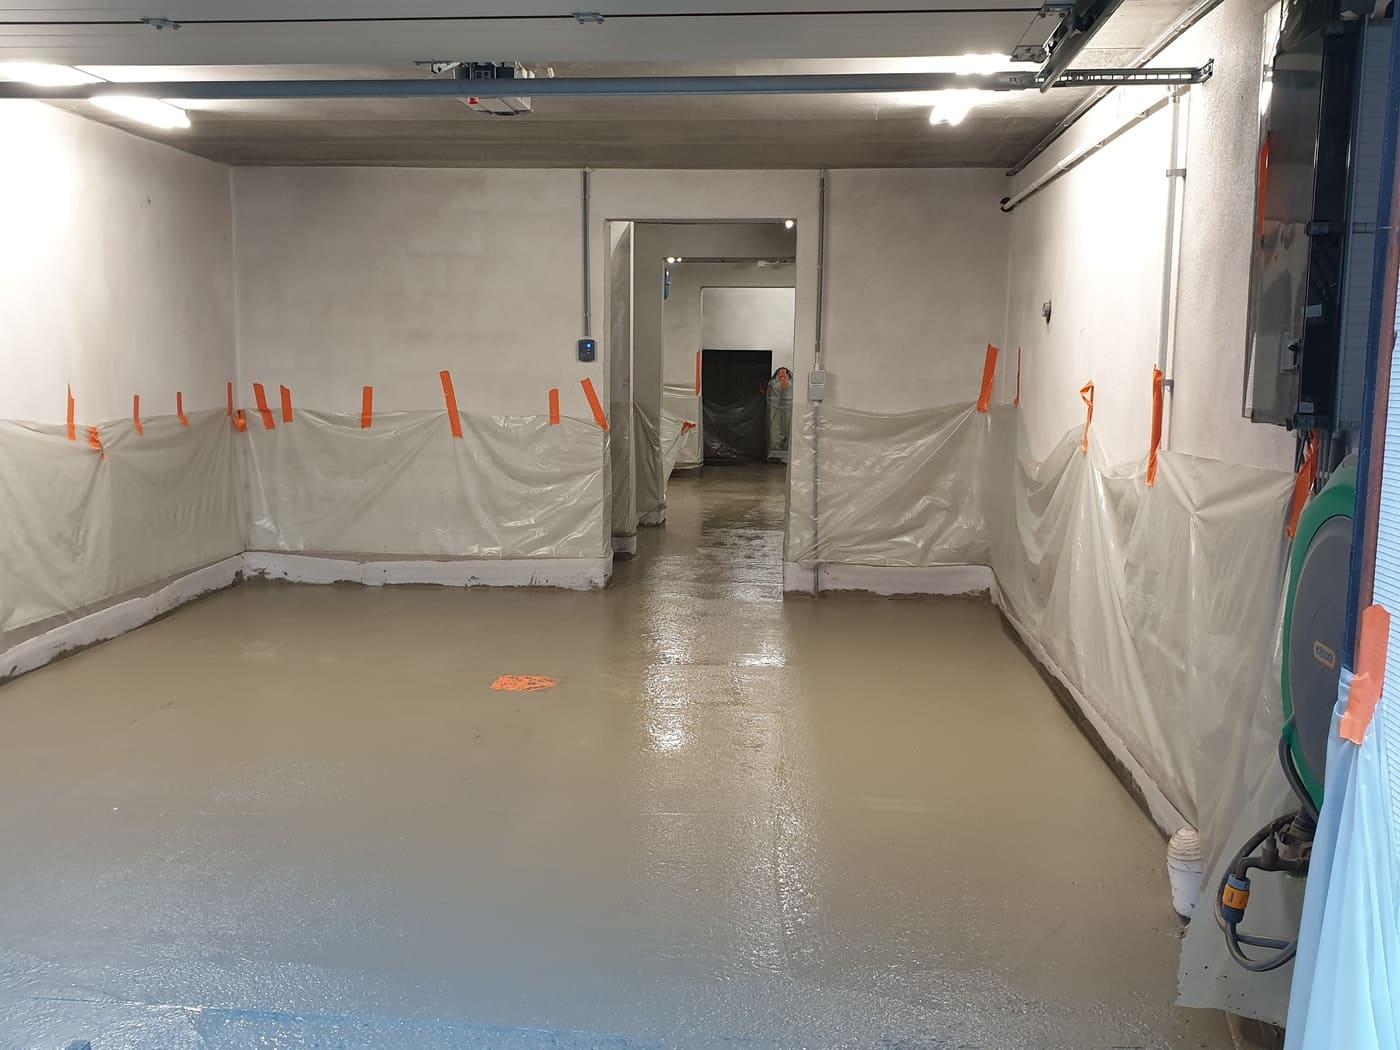 Étanchéité de murs enterrés : comment traiter des parois humides